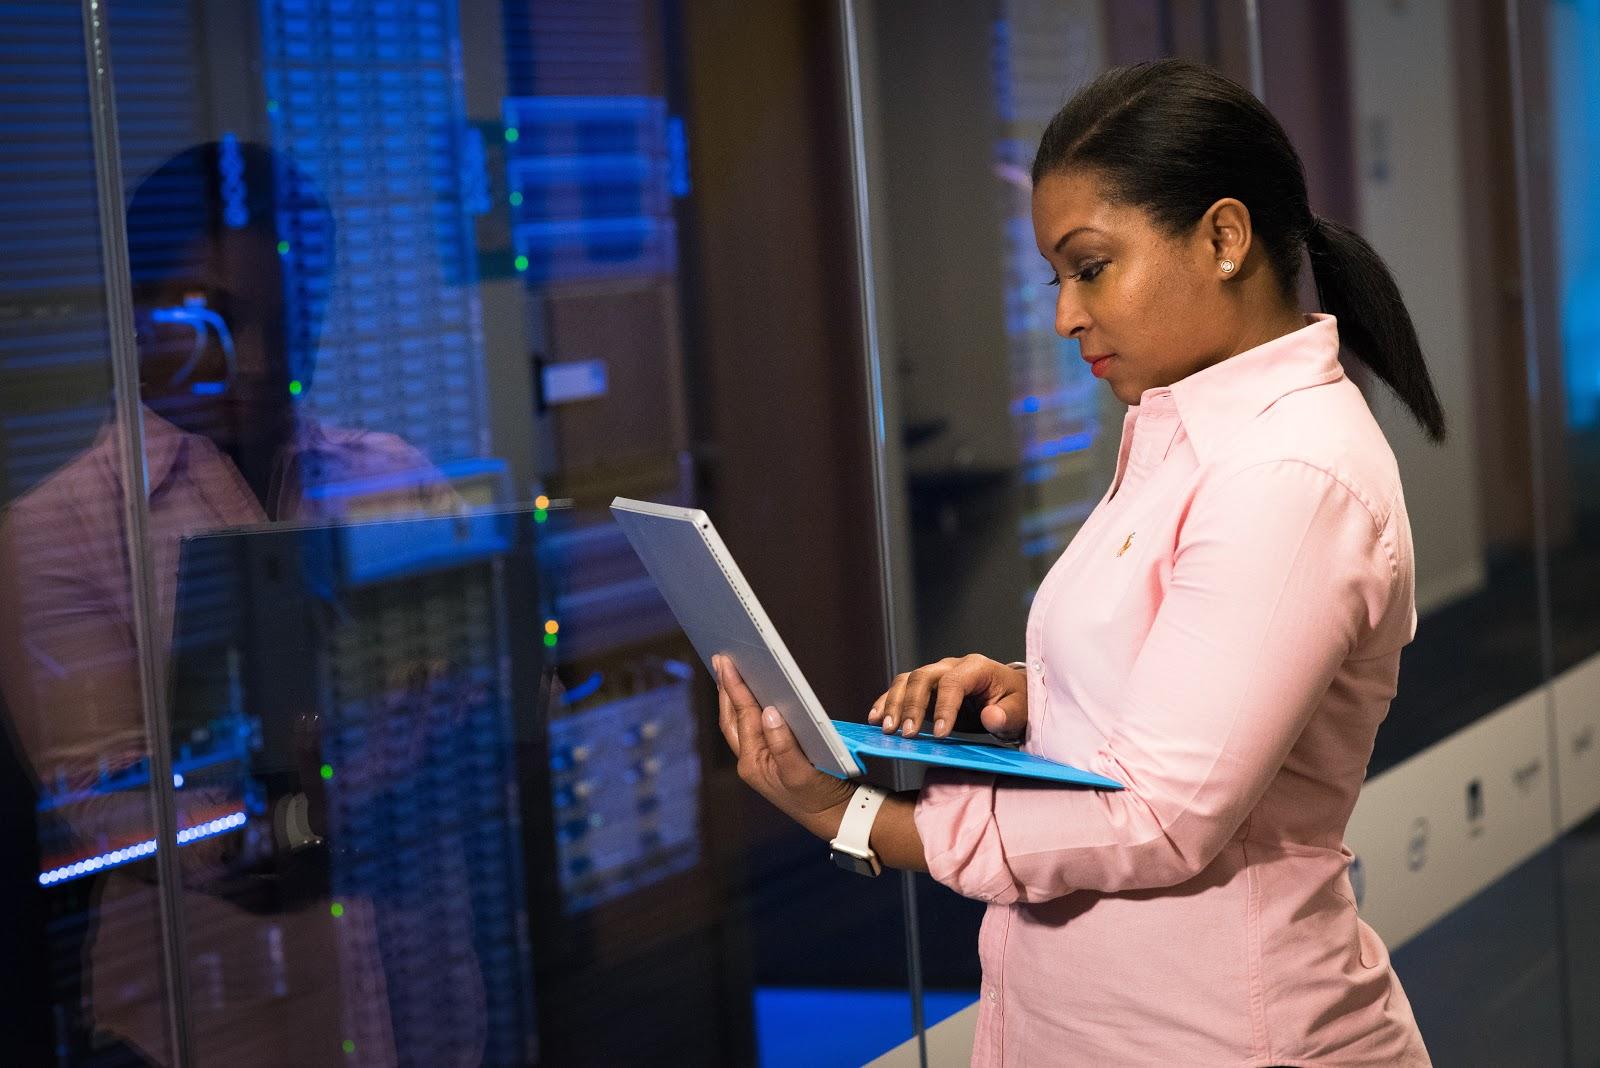 A woman works on a laptop near a server rack